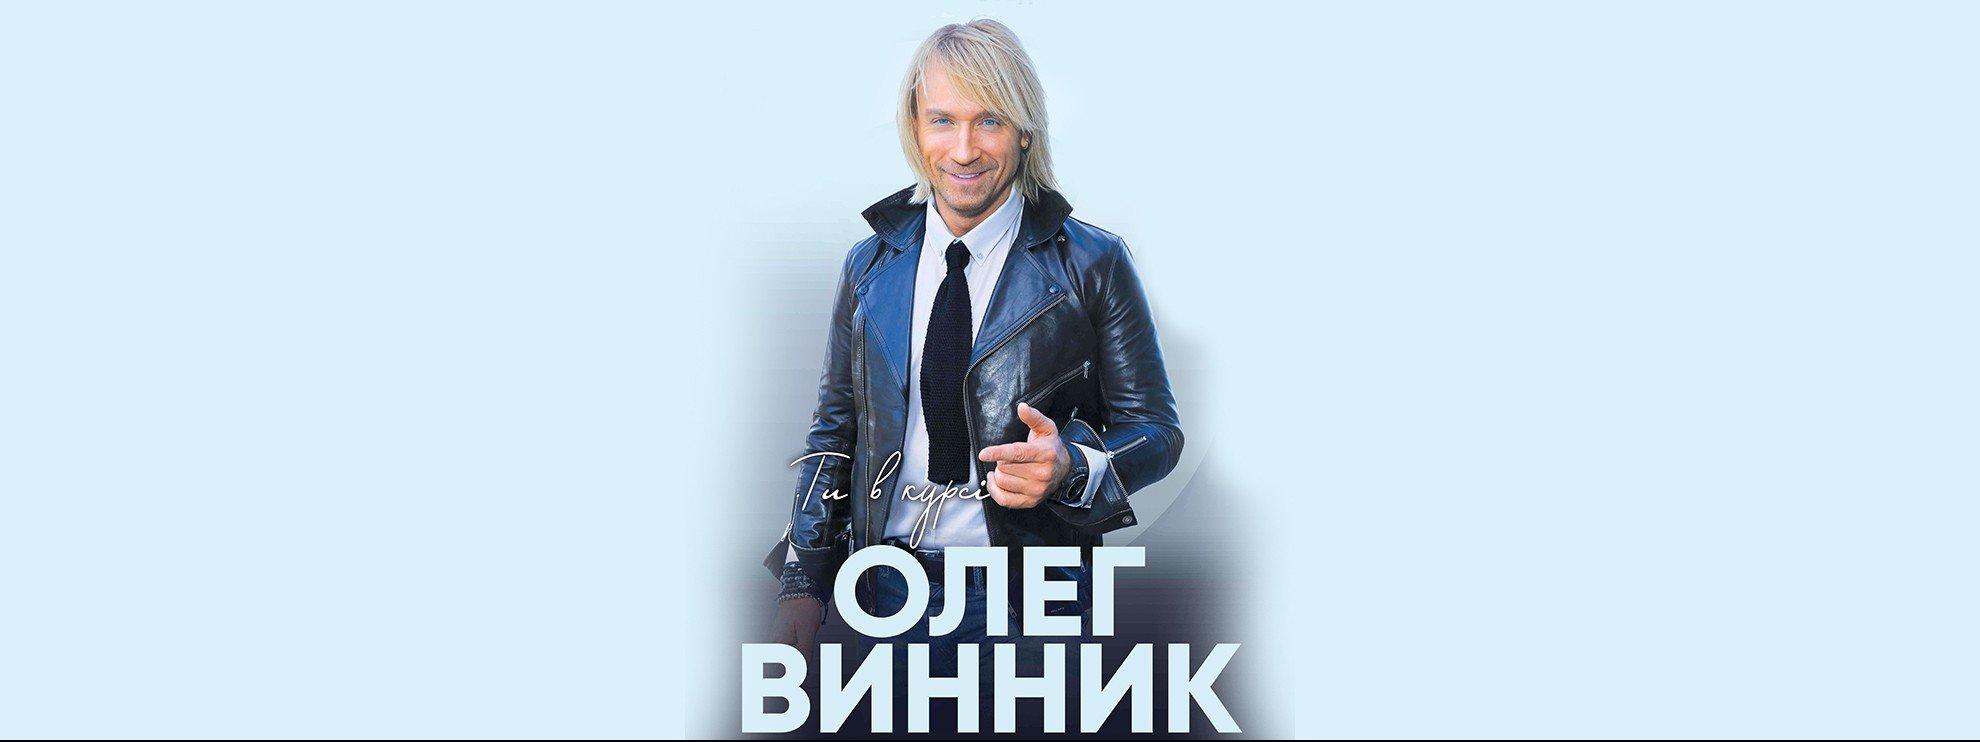 Куплю билет на концерт винника театры петербурга афиша январь